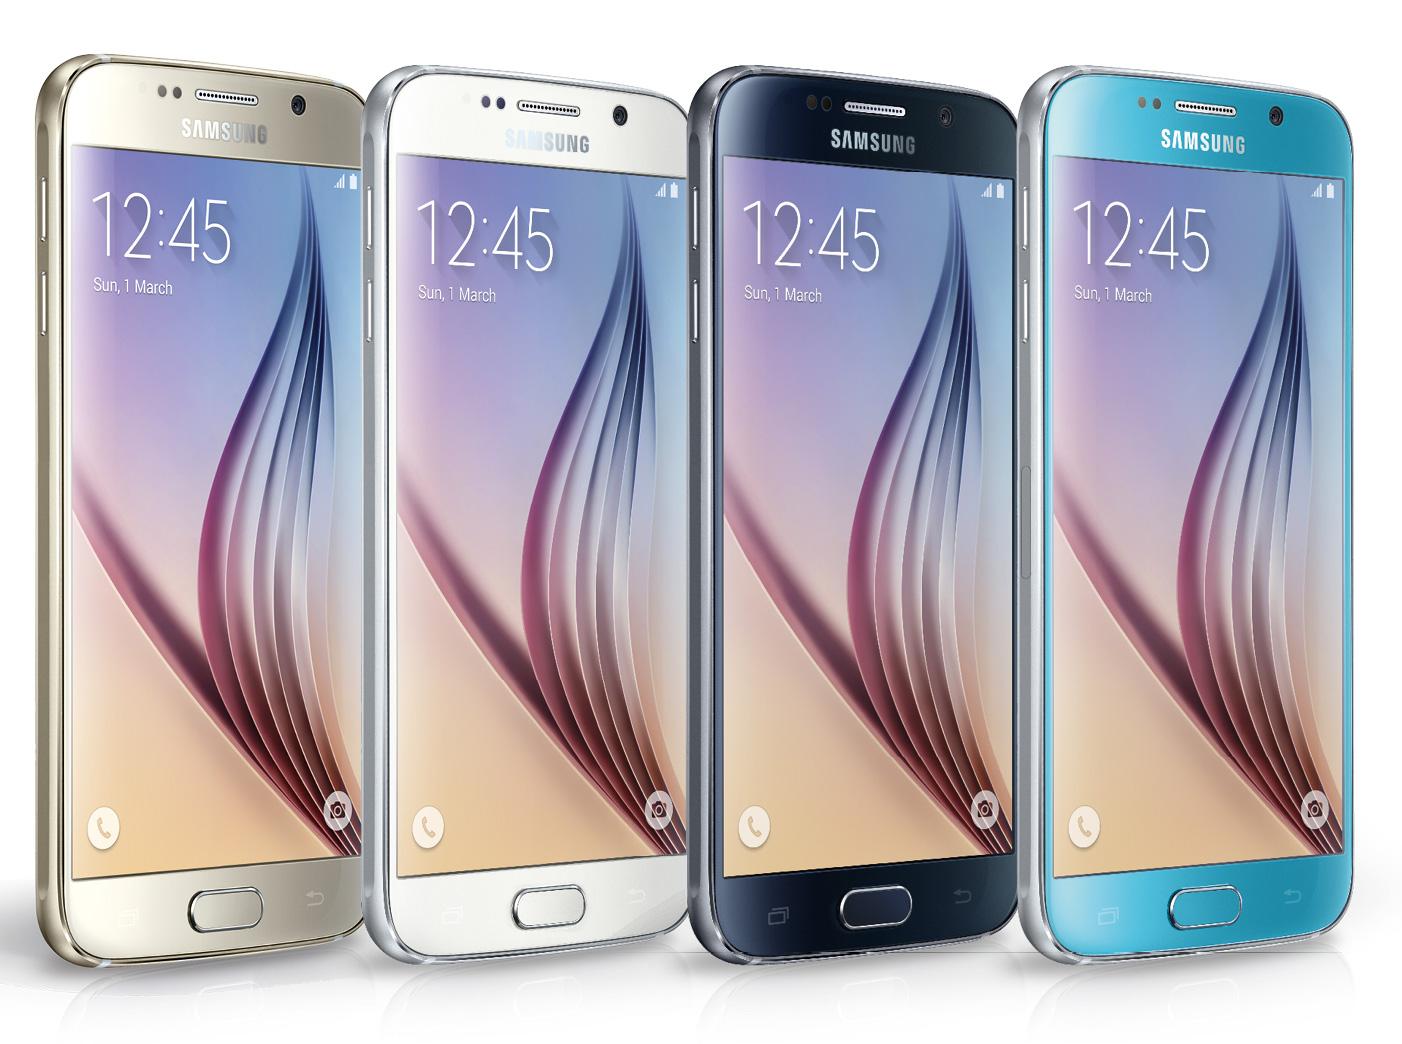 http://androidmag.de/wp-content/uploads/2015/03/Samsung_Galaxy_S6_farben.jpg